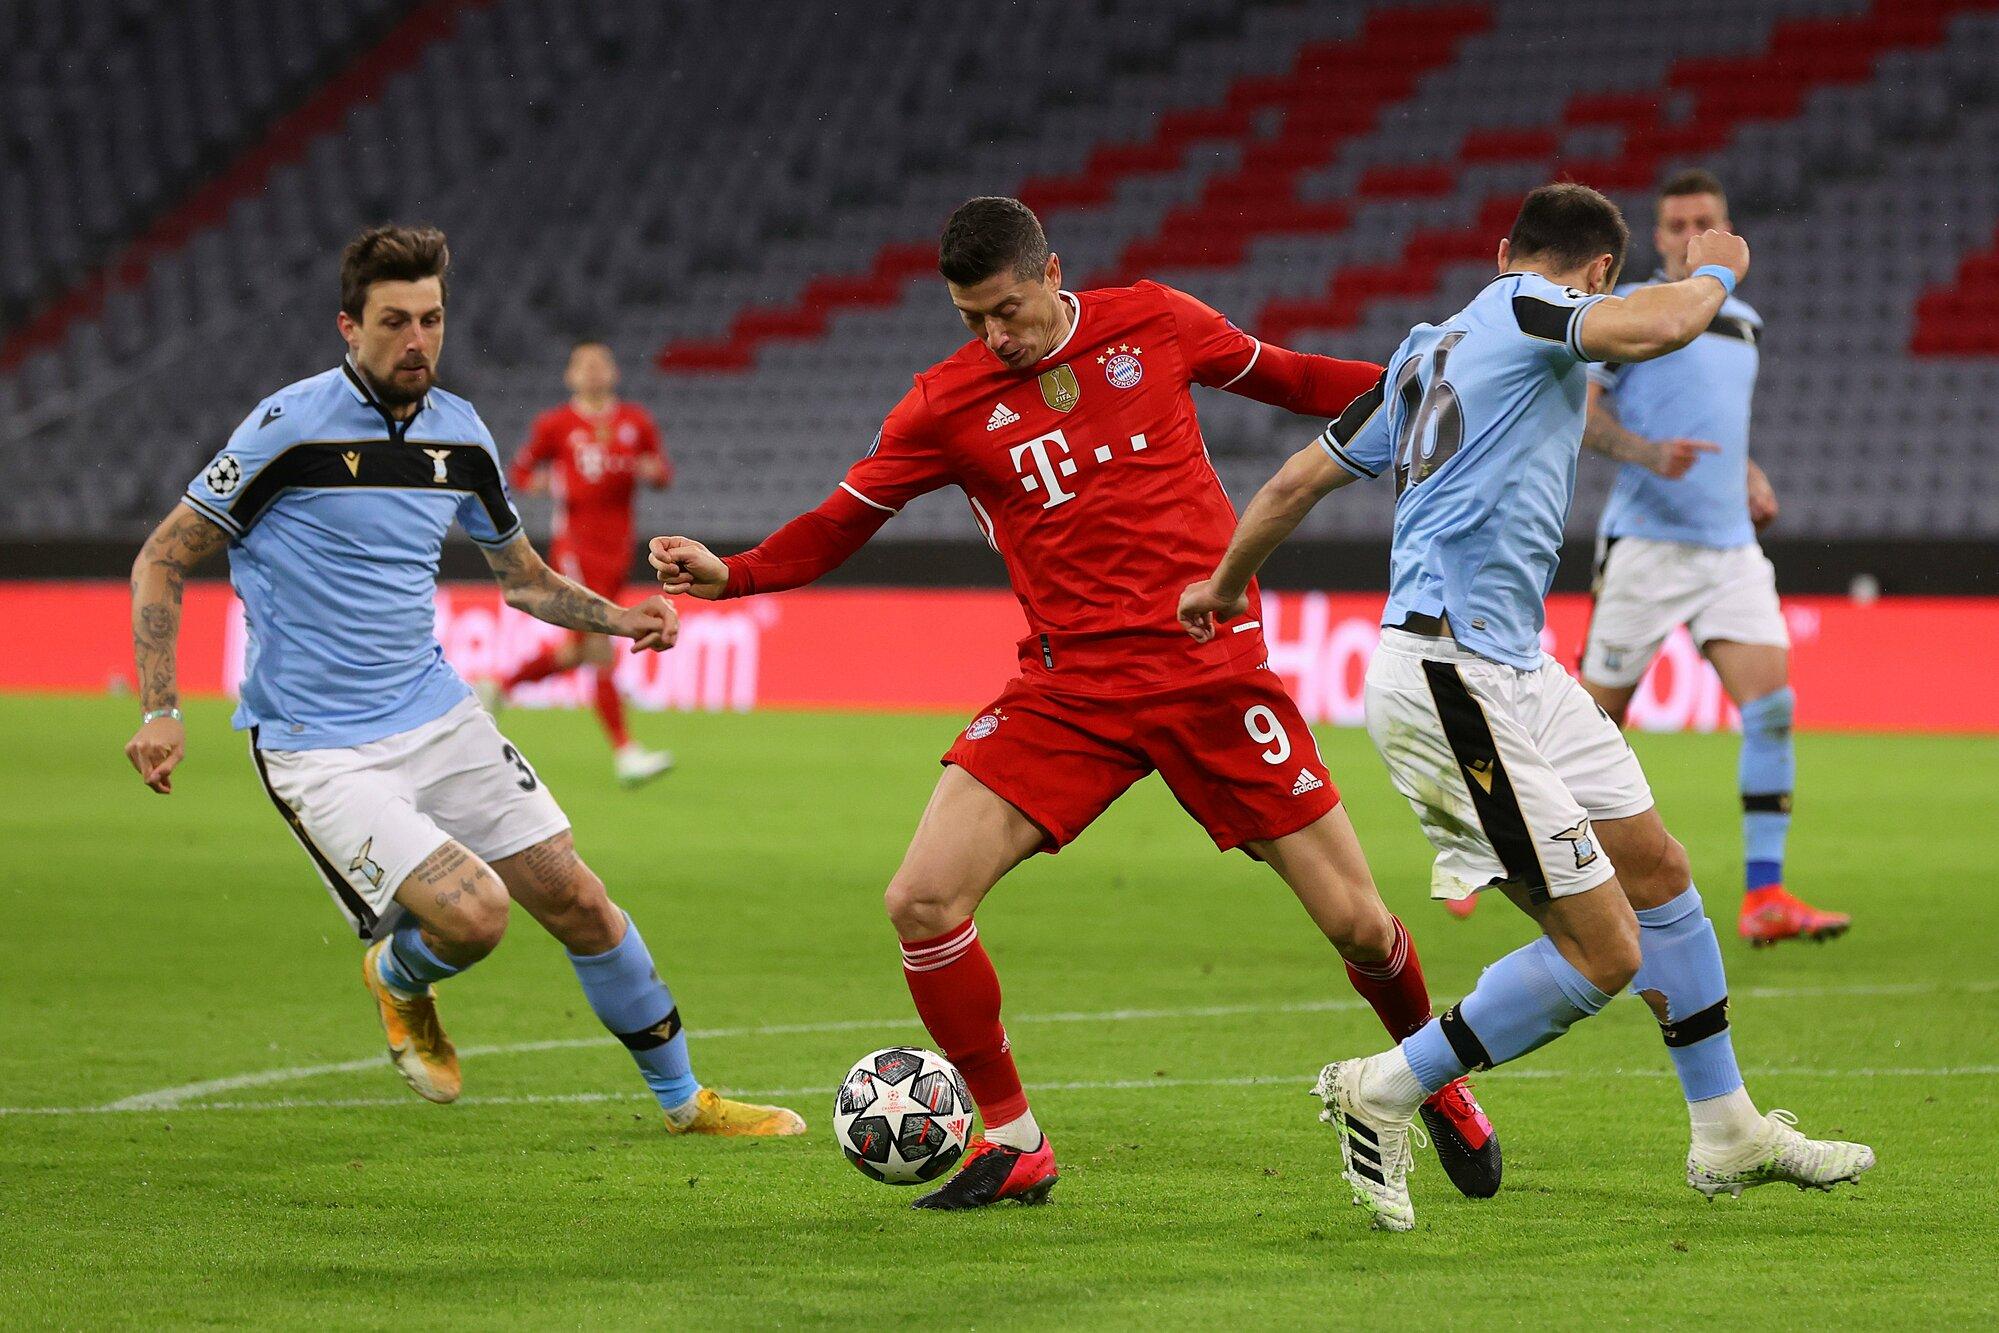 Kegagalan Lazio (kaos biru), meski berat, bukanlah hasil yang mengejutkan, mengingat perbedaan besar antara mereka dan Bayern.  Foto: Twitter / FC Bayern